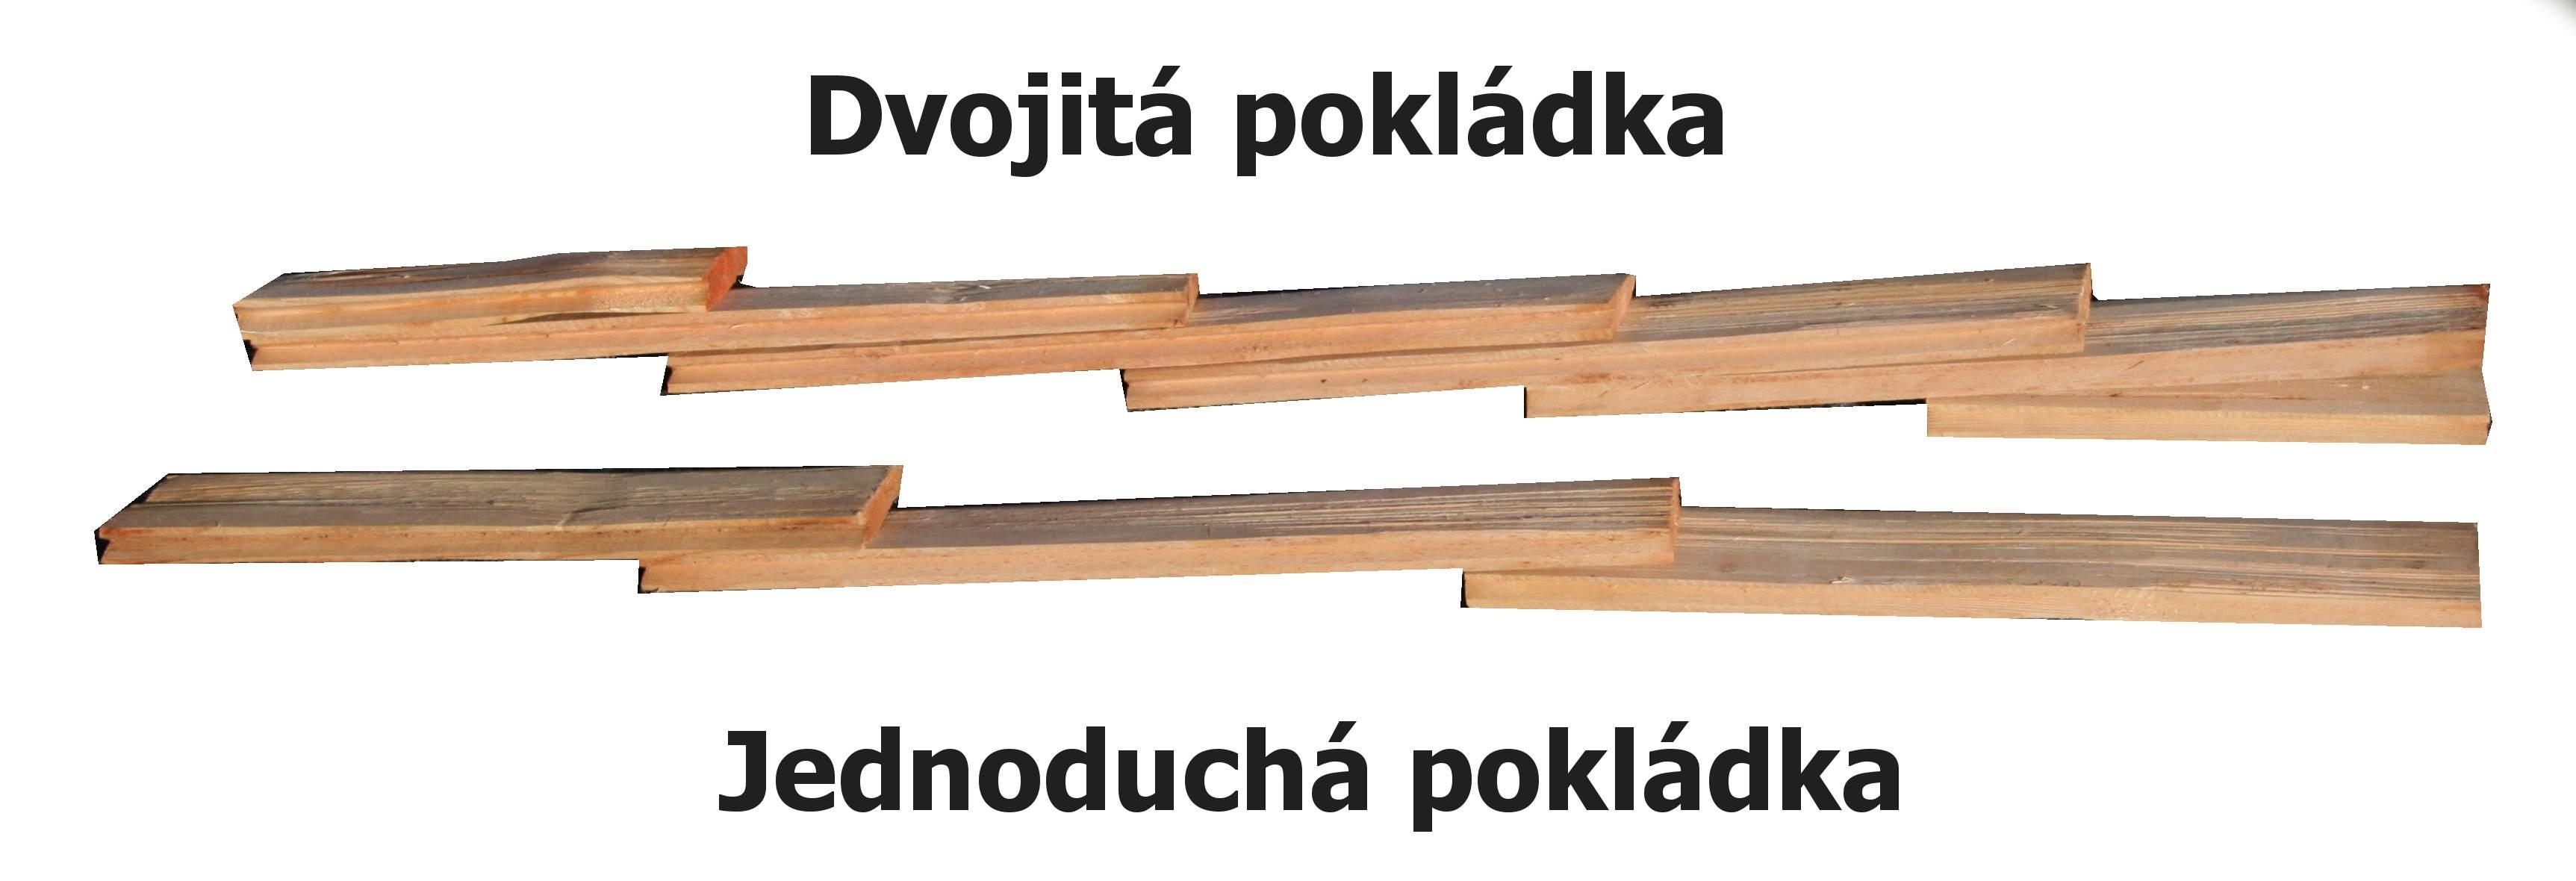 Základní druhy pokládky dřevěného šindele, drdlík